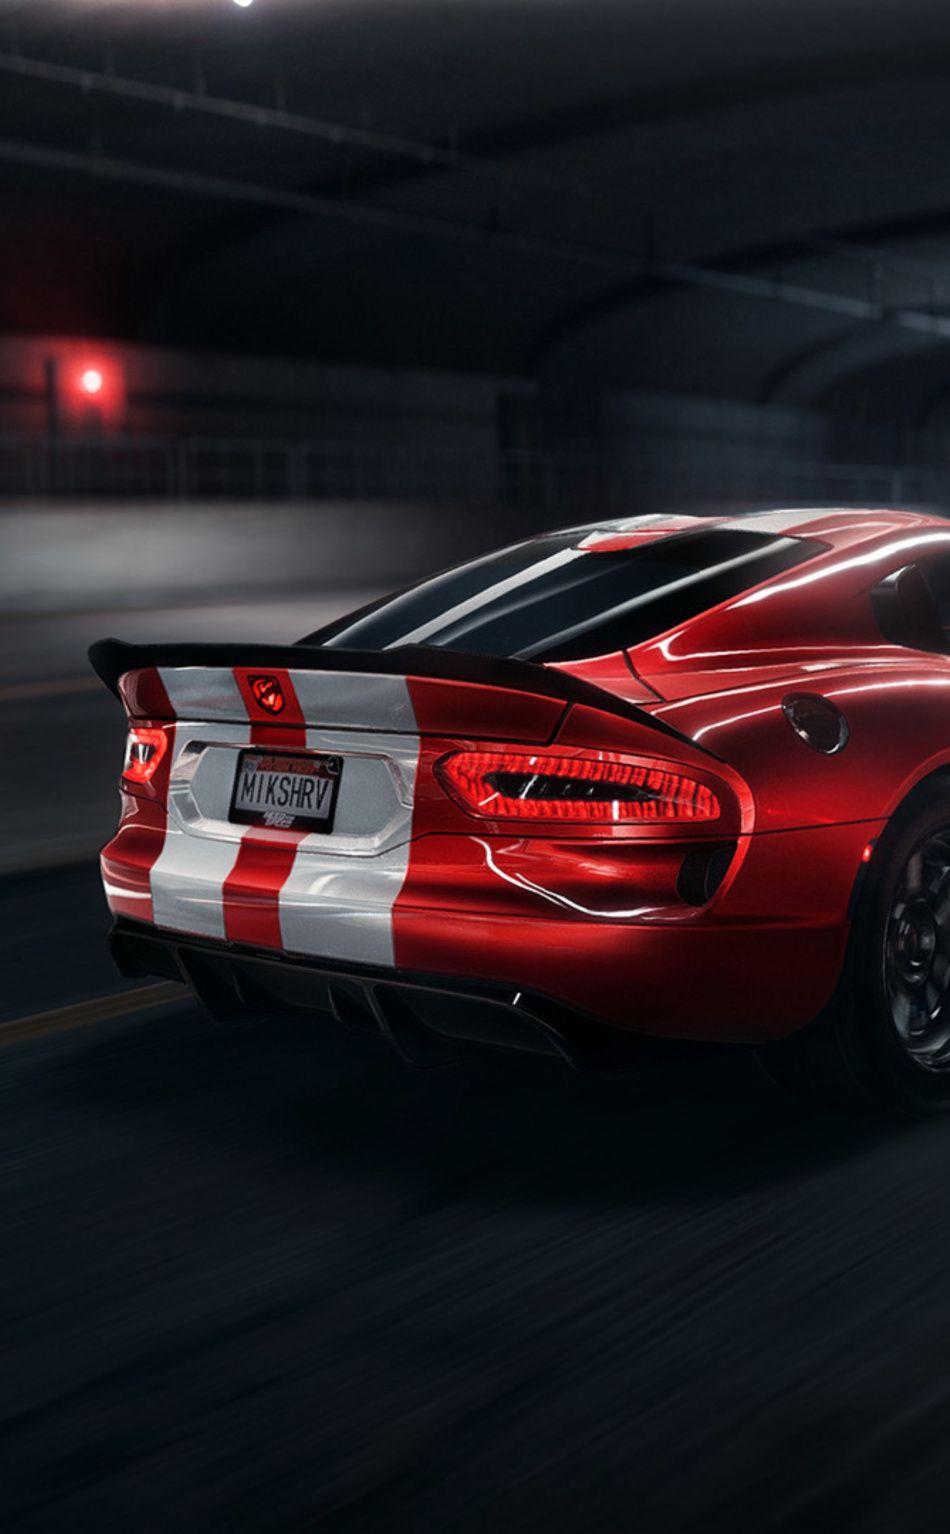 950x1534 Dodge Viper Srt Dodge Car Artwork Wallpaper Dodge Viper Viper Srt